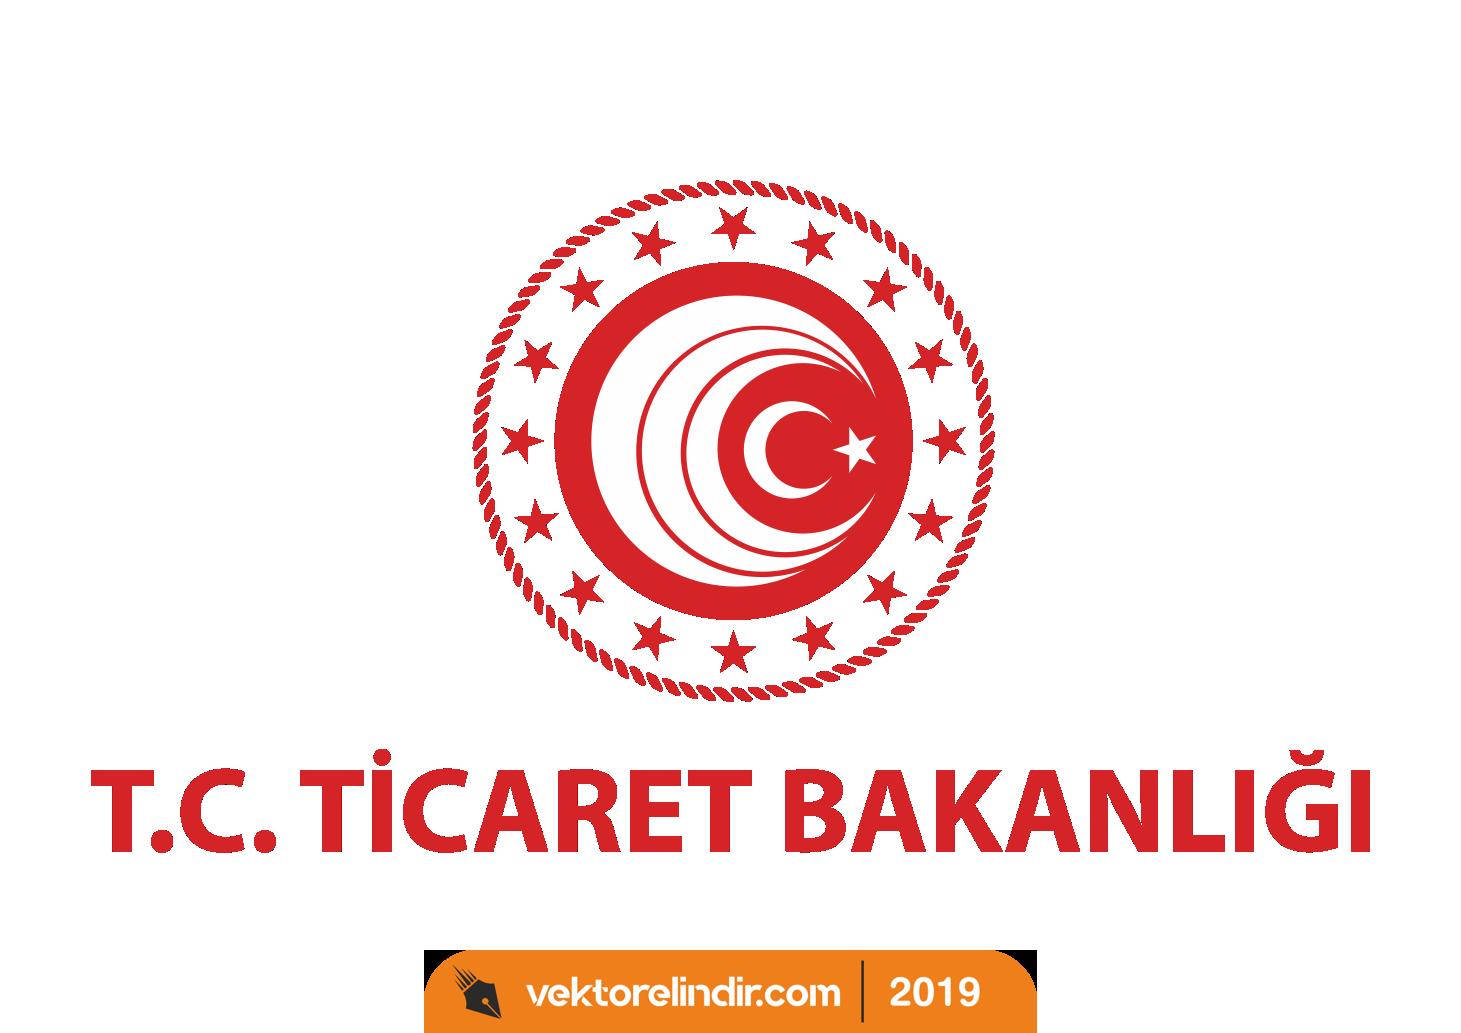 Tc Ticaret Bakanlığı Yeni Logo_Dikey